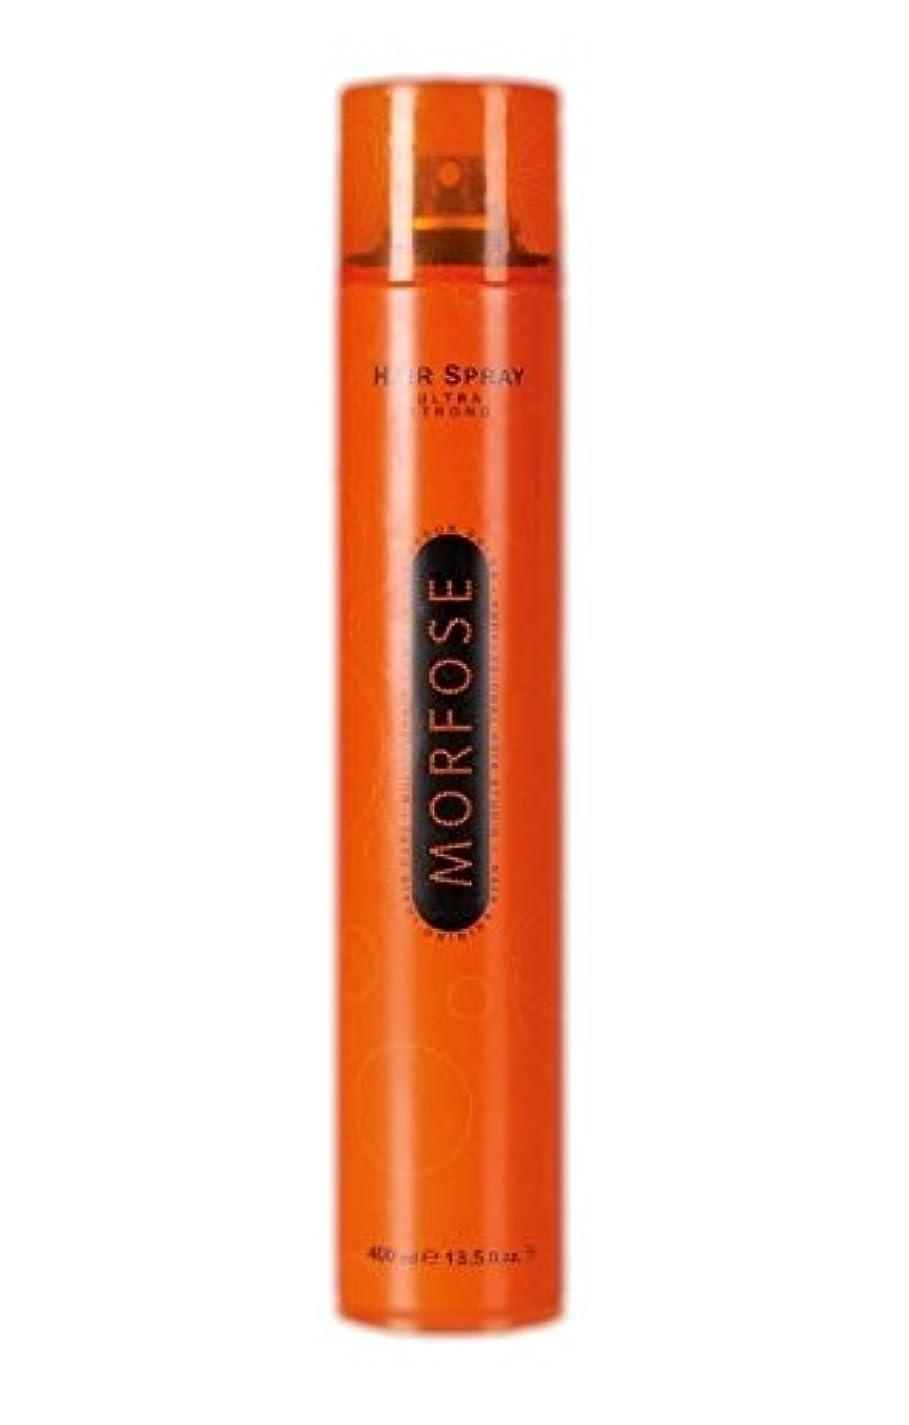 割れ目療法プリーツMorfose MORFOSE HAIRはMORFOSEによってULTRA STRONG 400ミリリットルスプレー